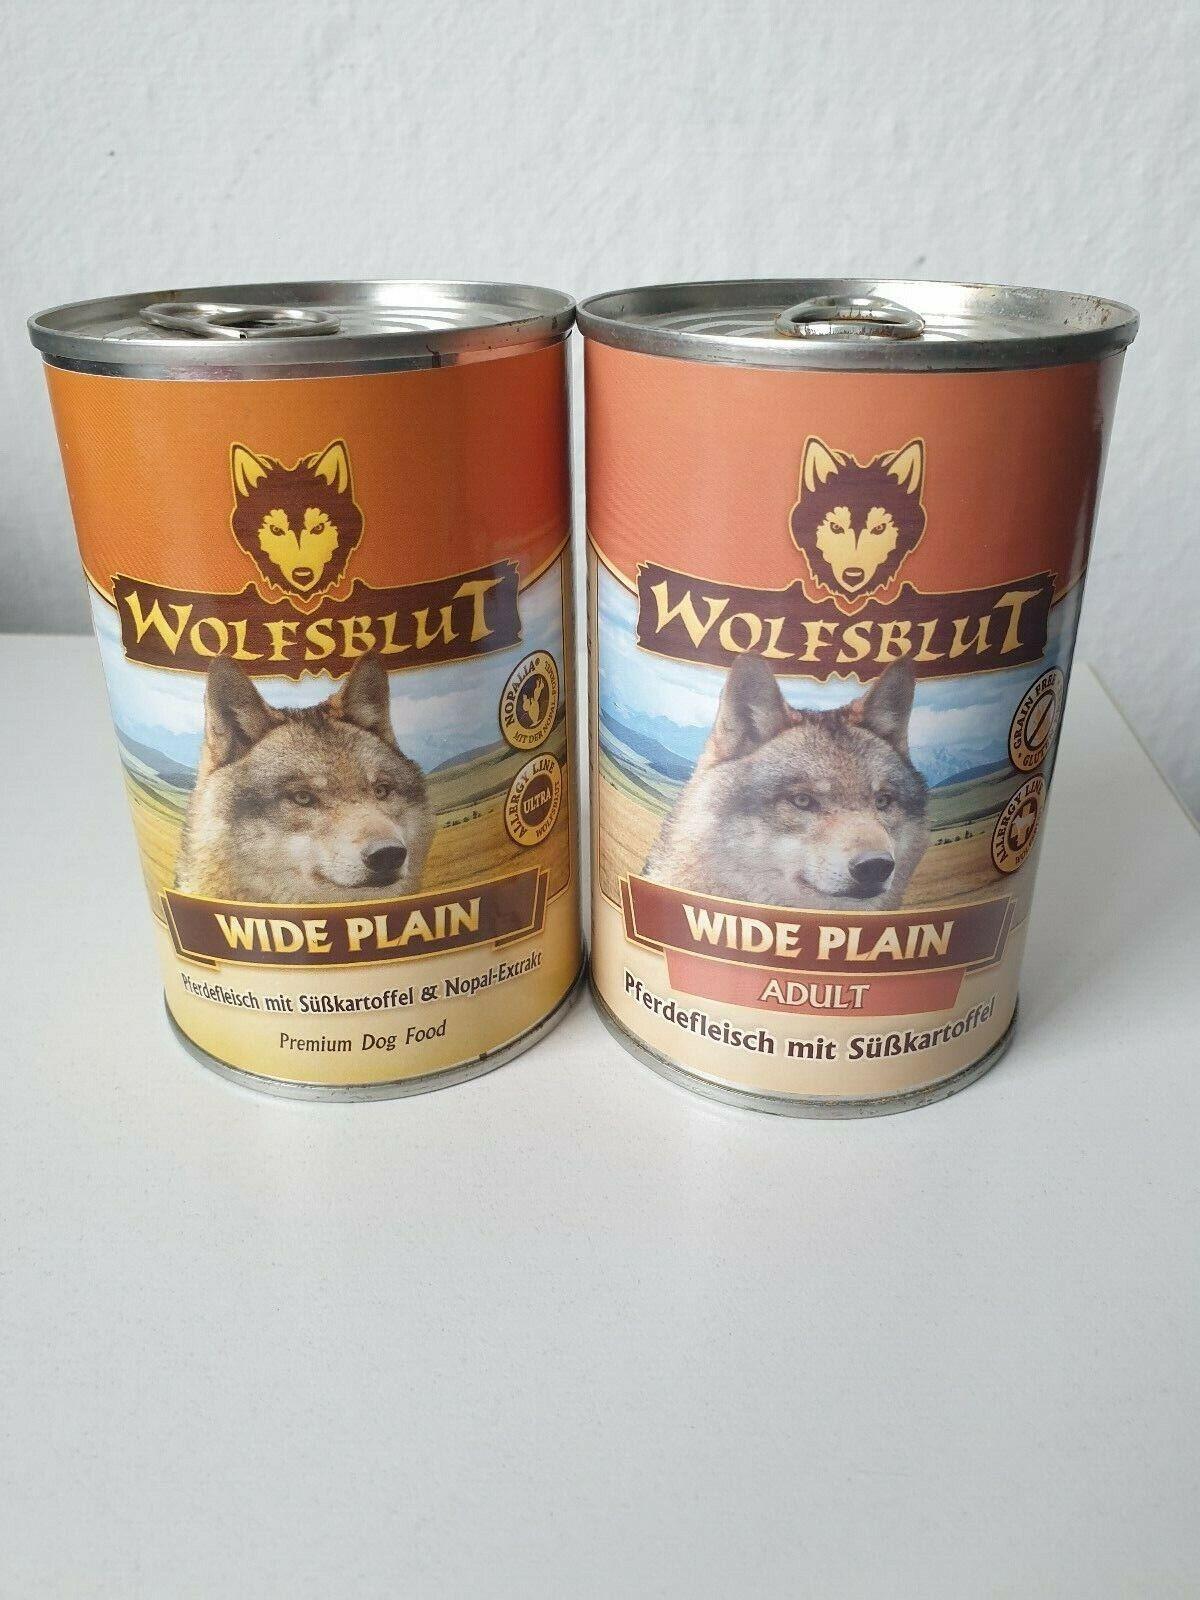 Wolfsblut 24 Dosen je 395g Pferd mit Süsskartoffel